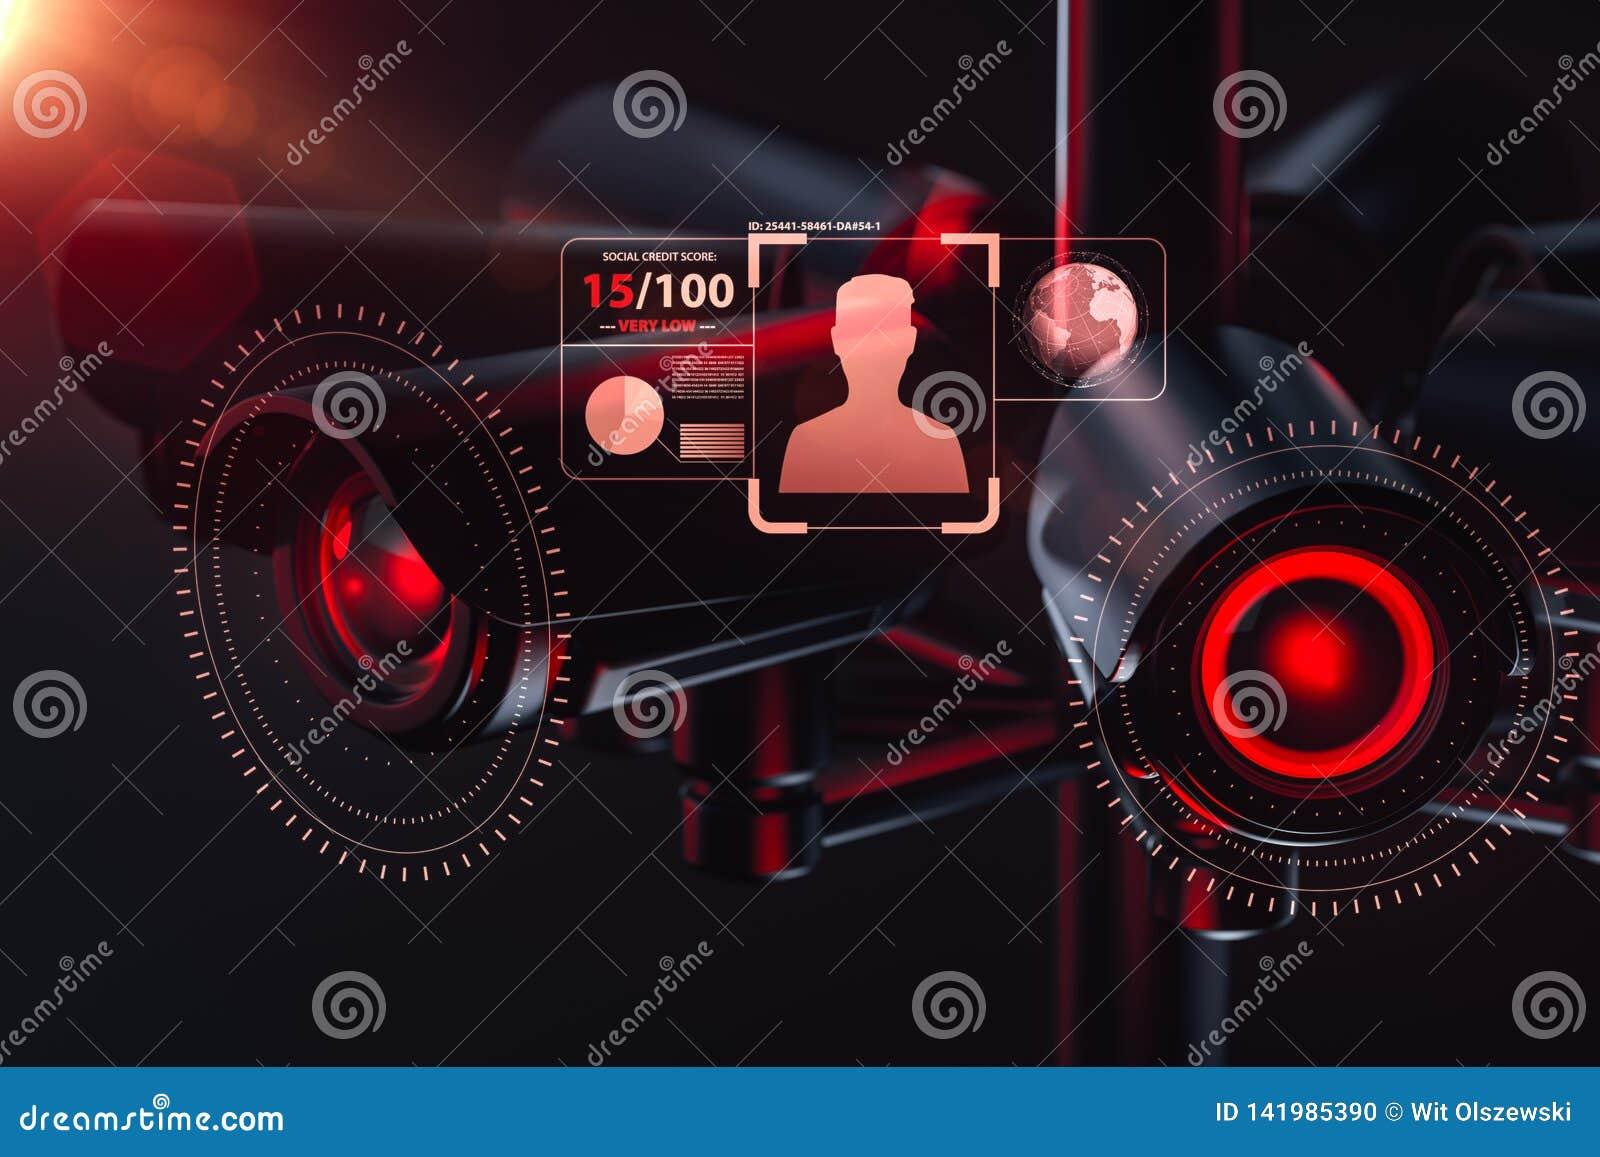 Cctv检查关于公民的信息监视保障系统的,社会信用制度概念 3d??